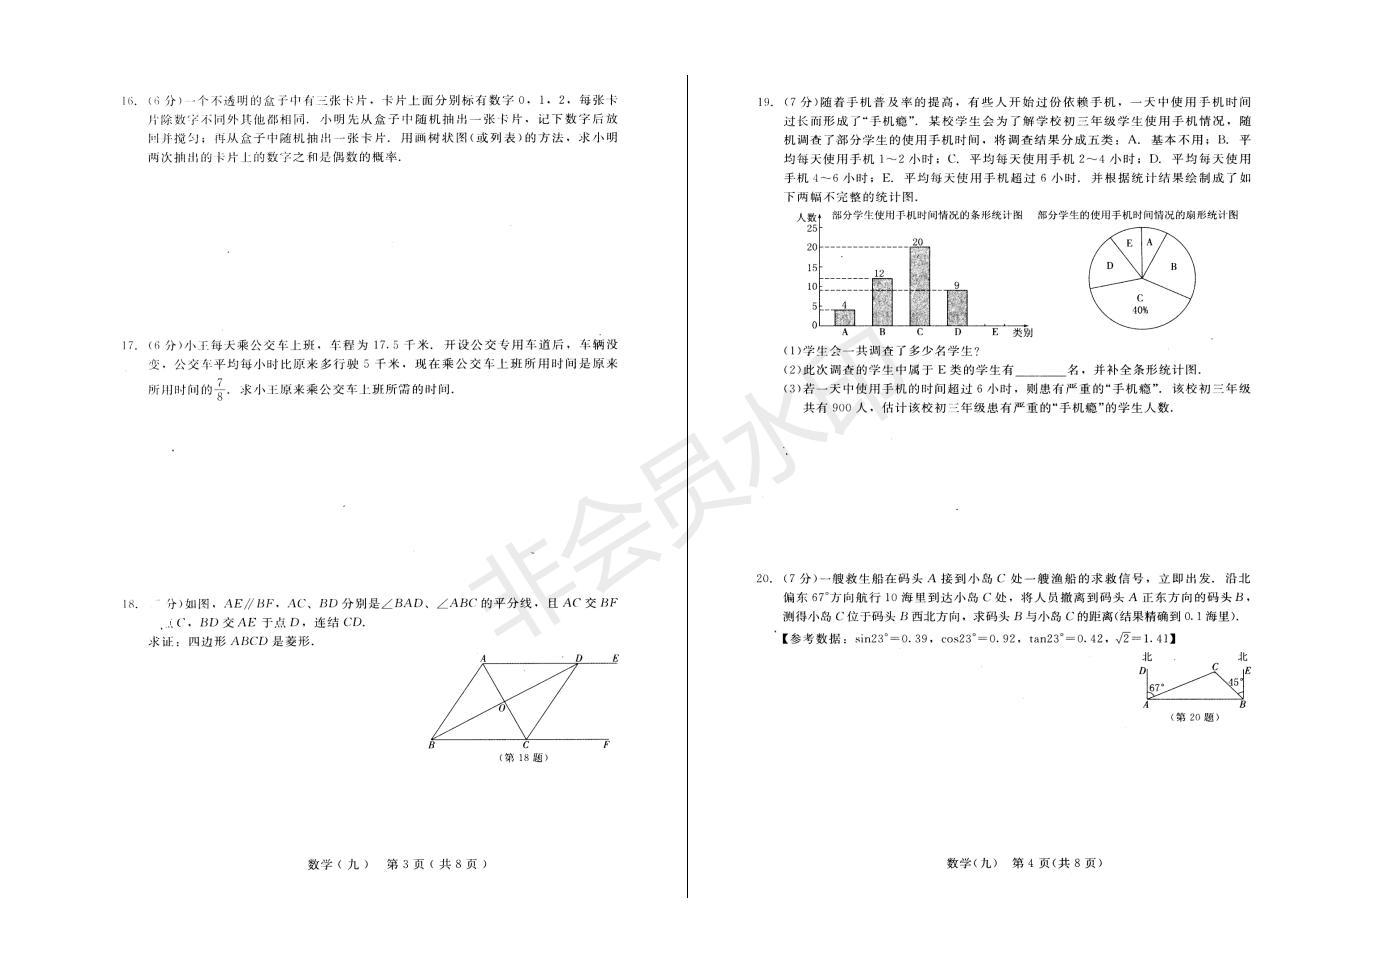 长春市中考综合学习评价与检测数学试卷(九)(ZKSX0185)